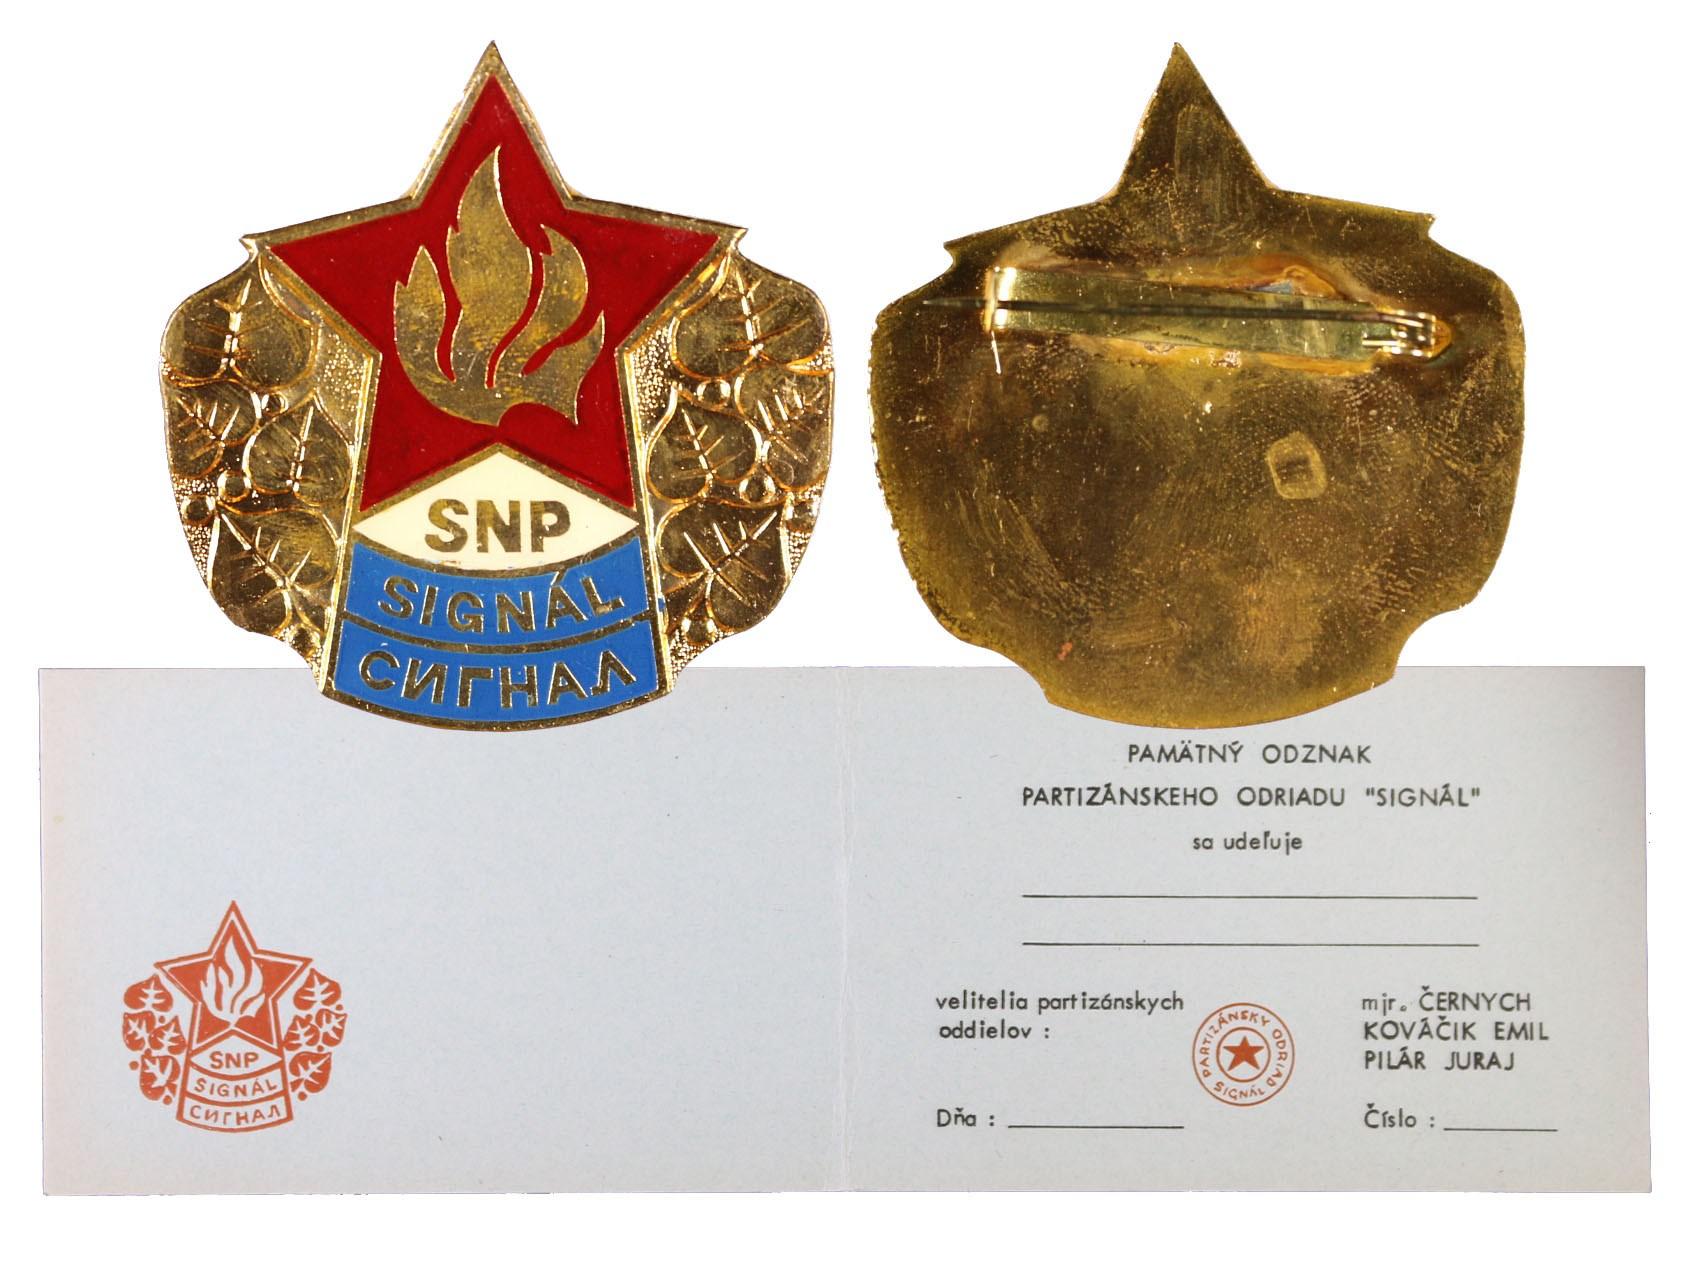 Pamětní odznak partyzánského odřadu Signál s nevyplněným udělovacím průkazem